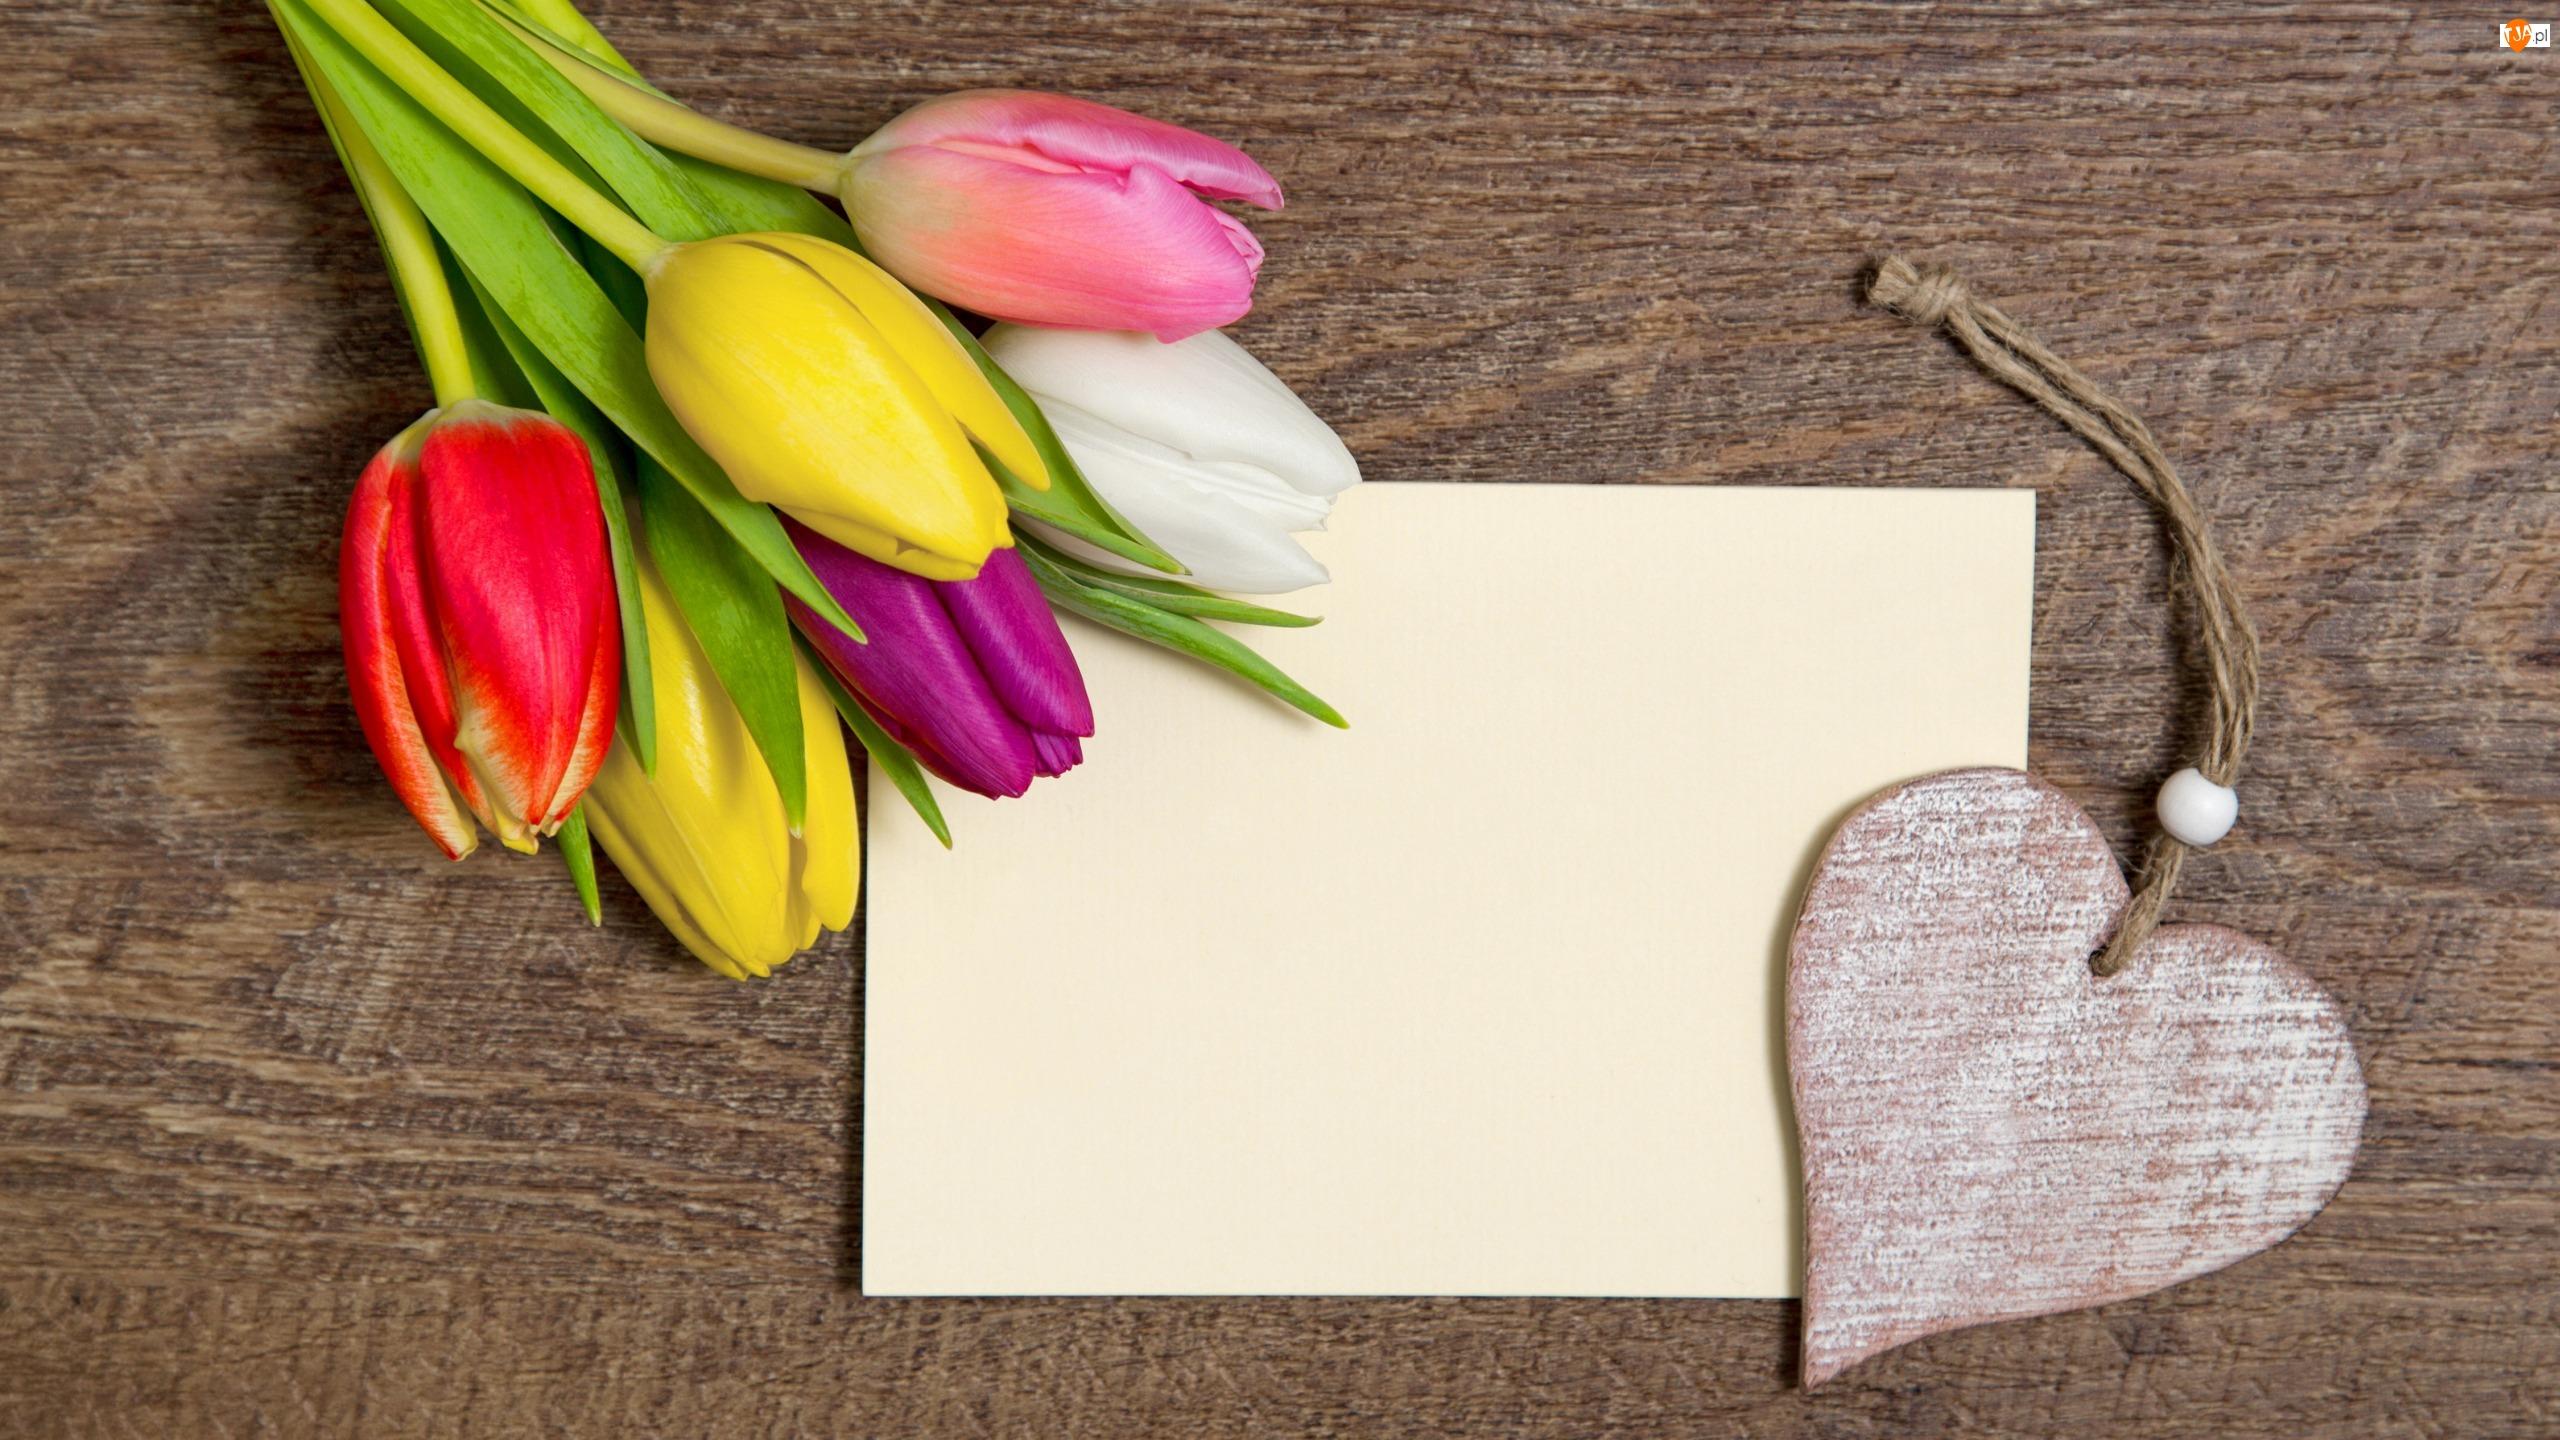 Drewniane, Kartka, Tulipany, Kolorowe, Serce, Bukiet, Zawieszka